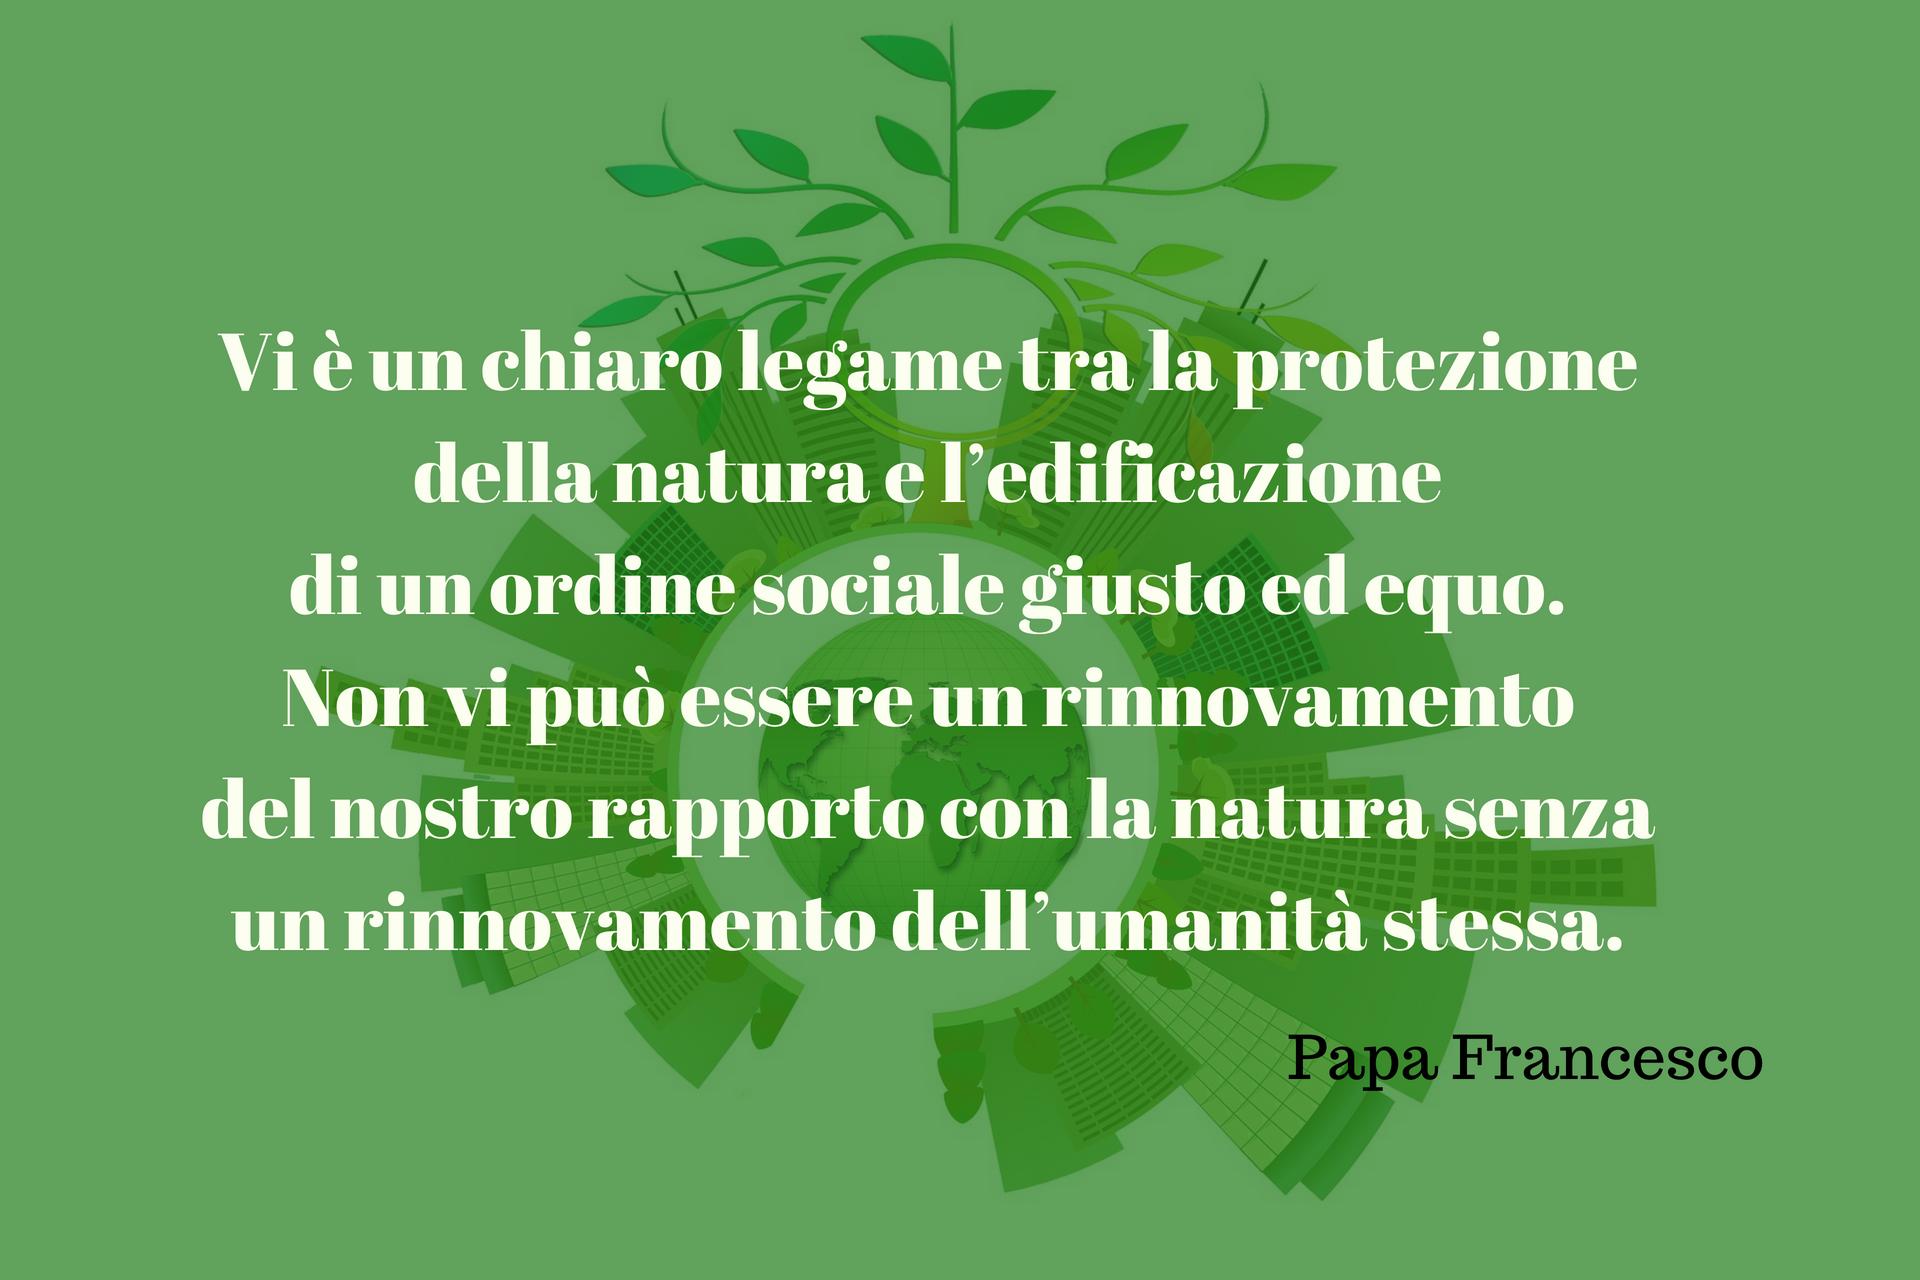 Adiconsum Promuove La Difesa Dell Ambiente Sostenibilita Eco Green Gogreen Natura Nature Umanita Tutela V Ambiente Citazioni Citazioni D Ispirazione